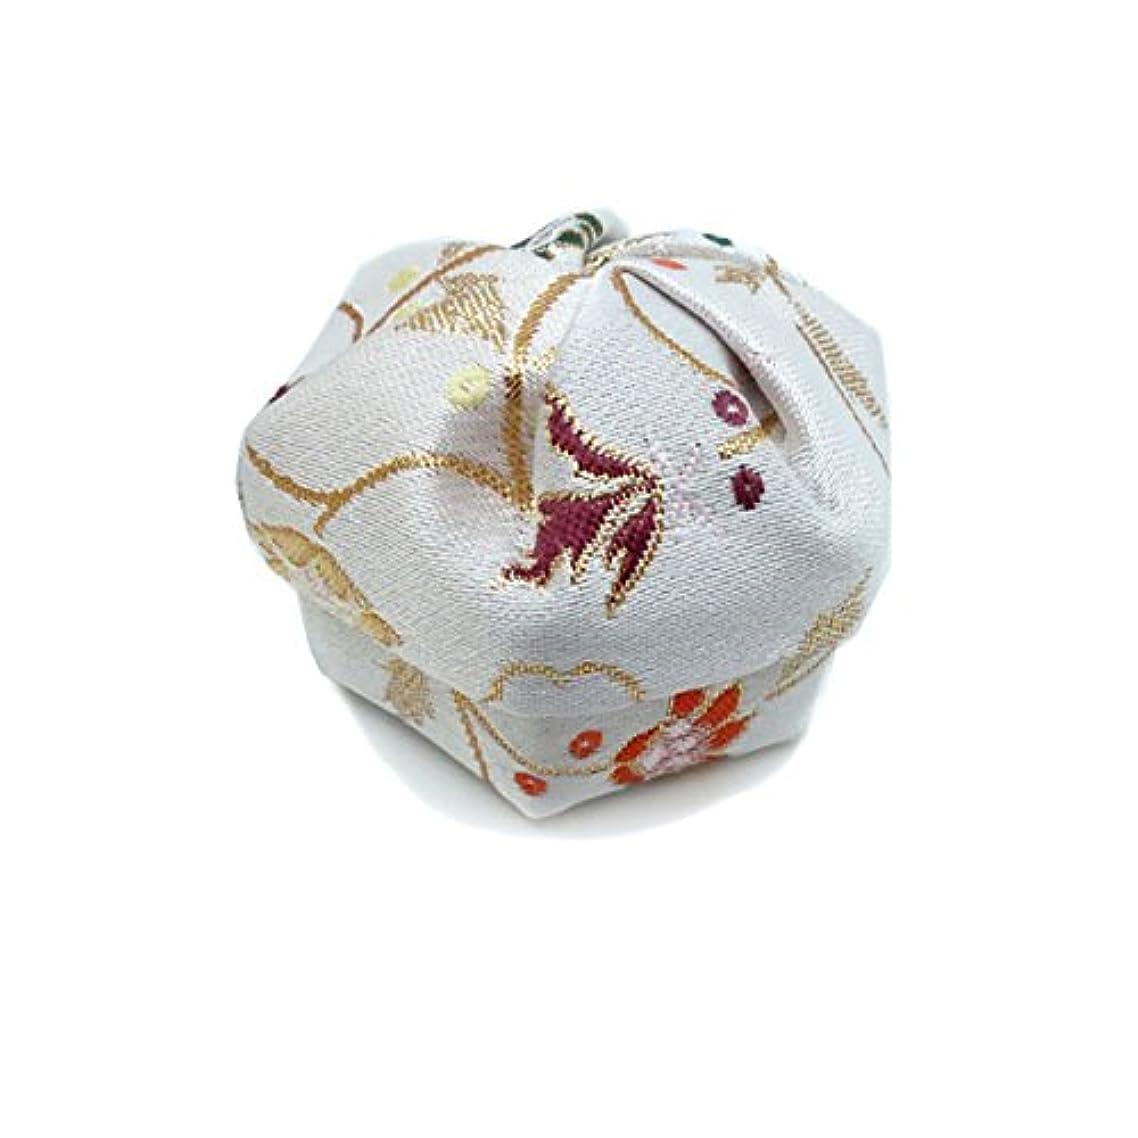 利用可能影響力のあるおいしい布香盒 白系 紙箱入